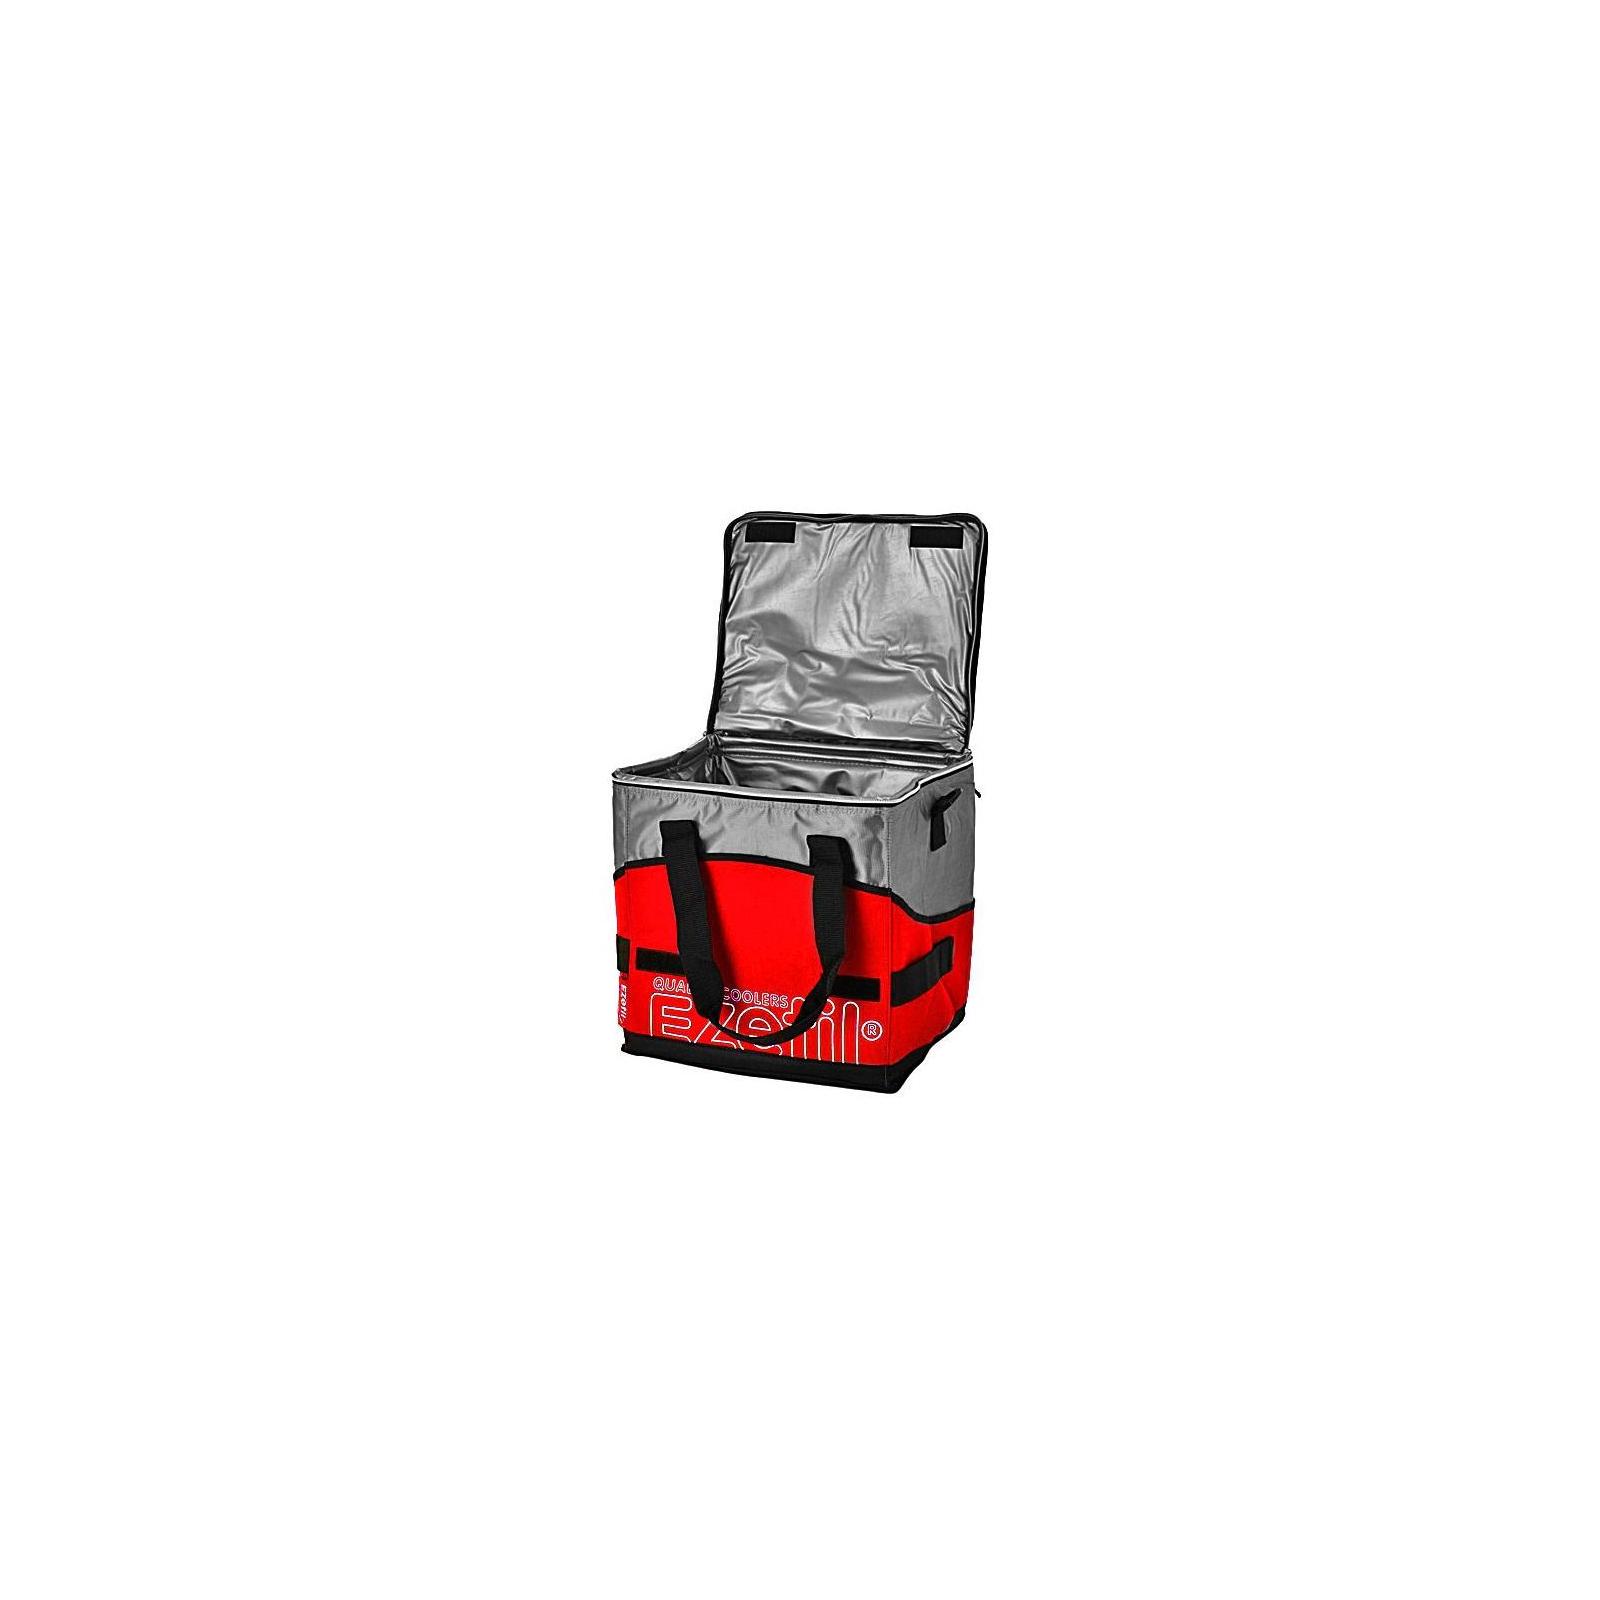 Термосумка Ezetil Extreme 28 л red (4020716272689RED) изображение 3